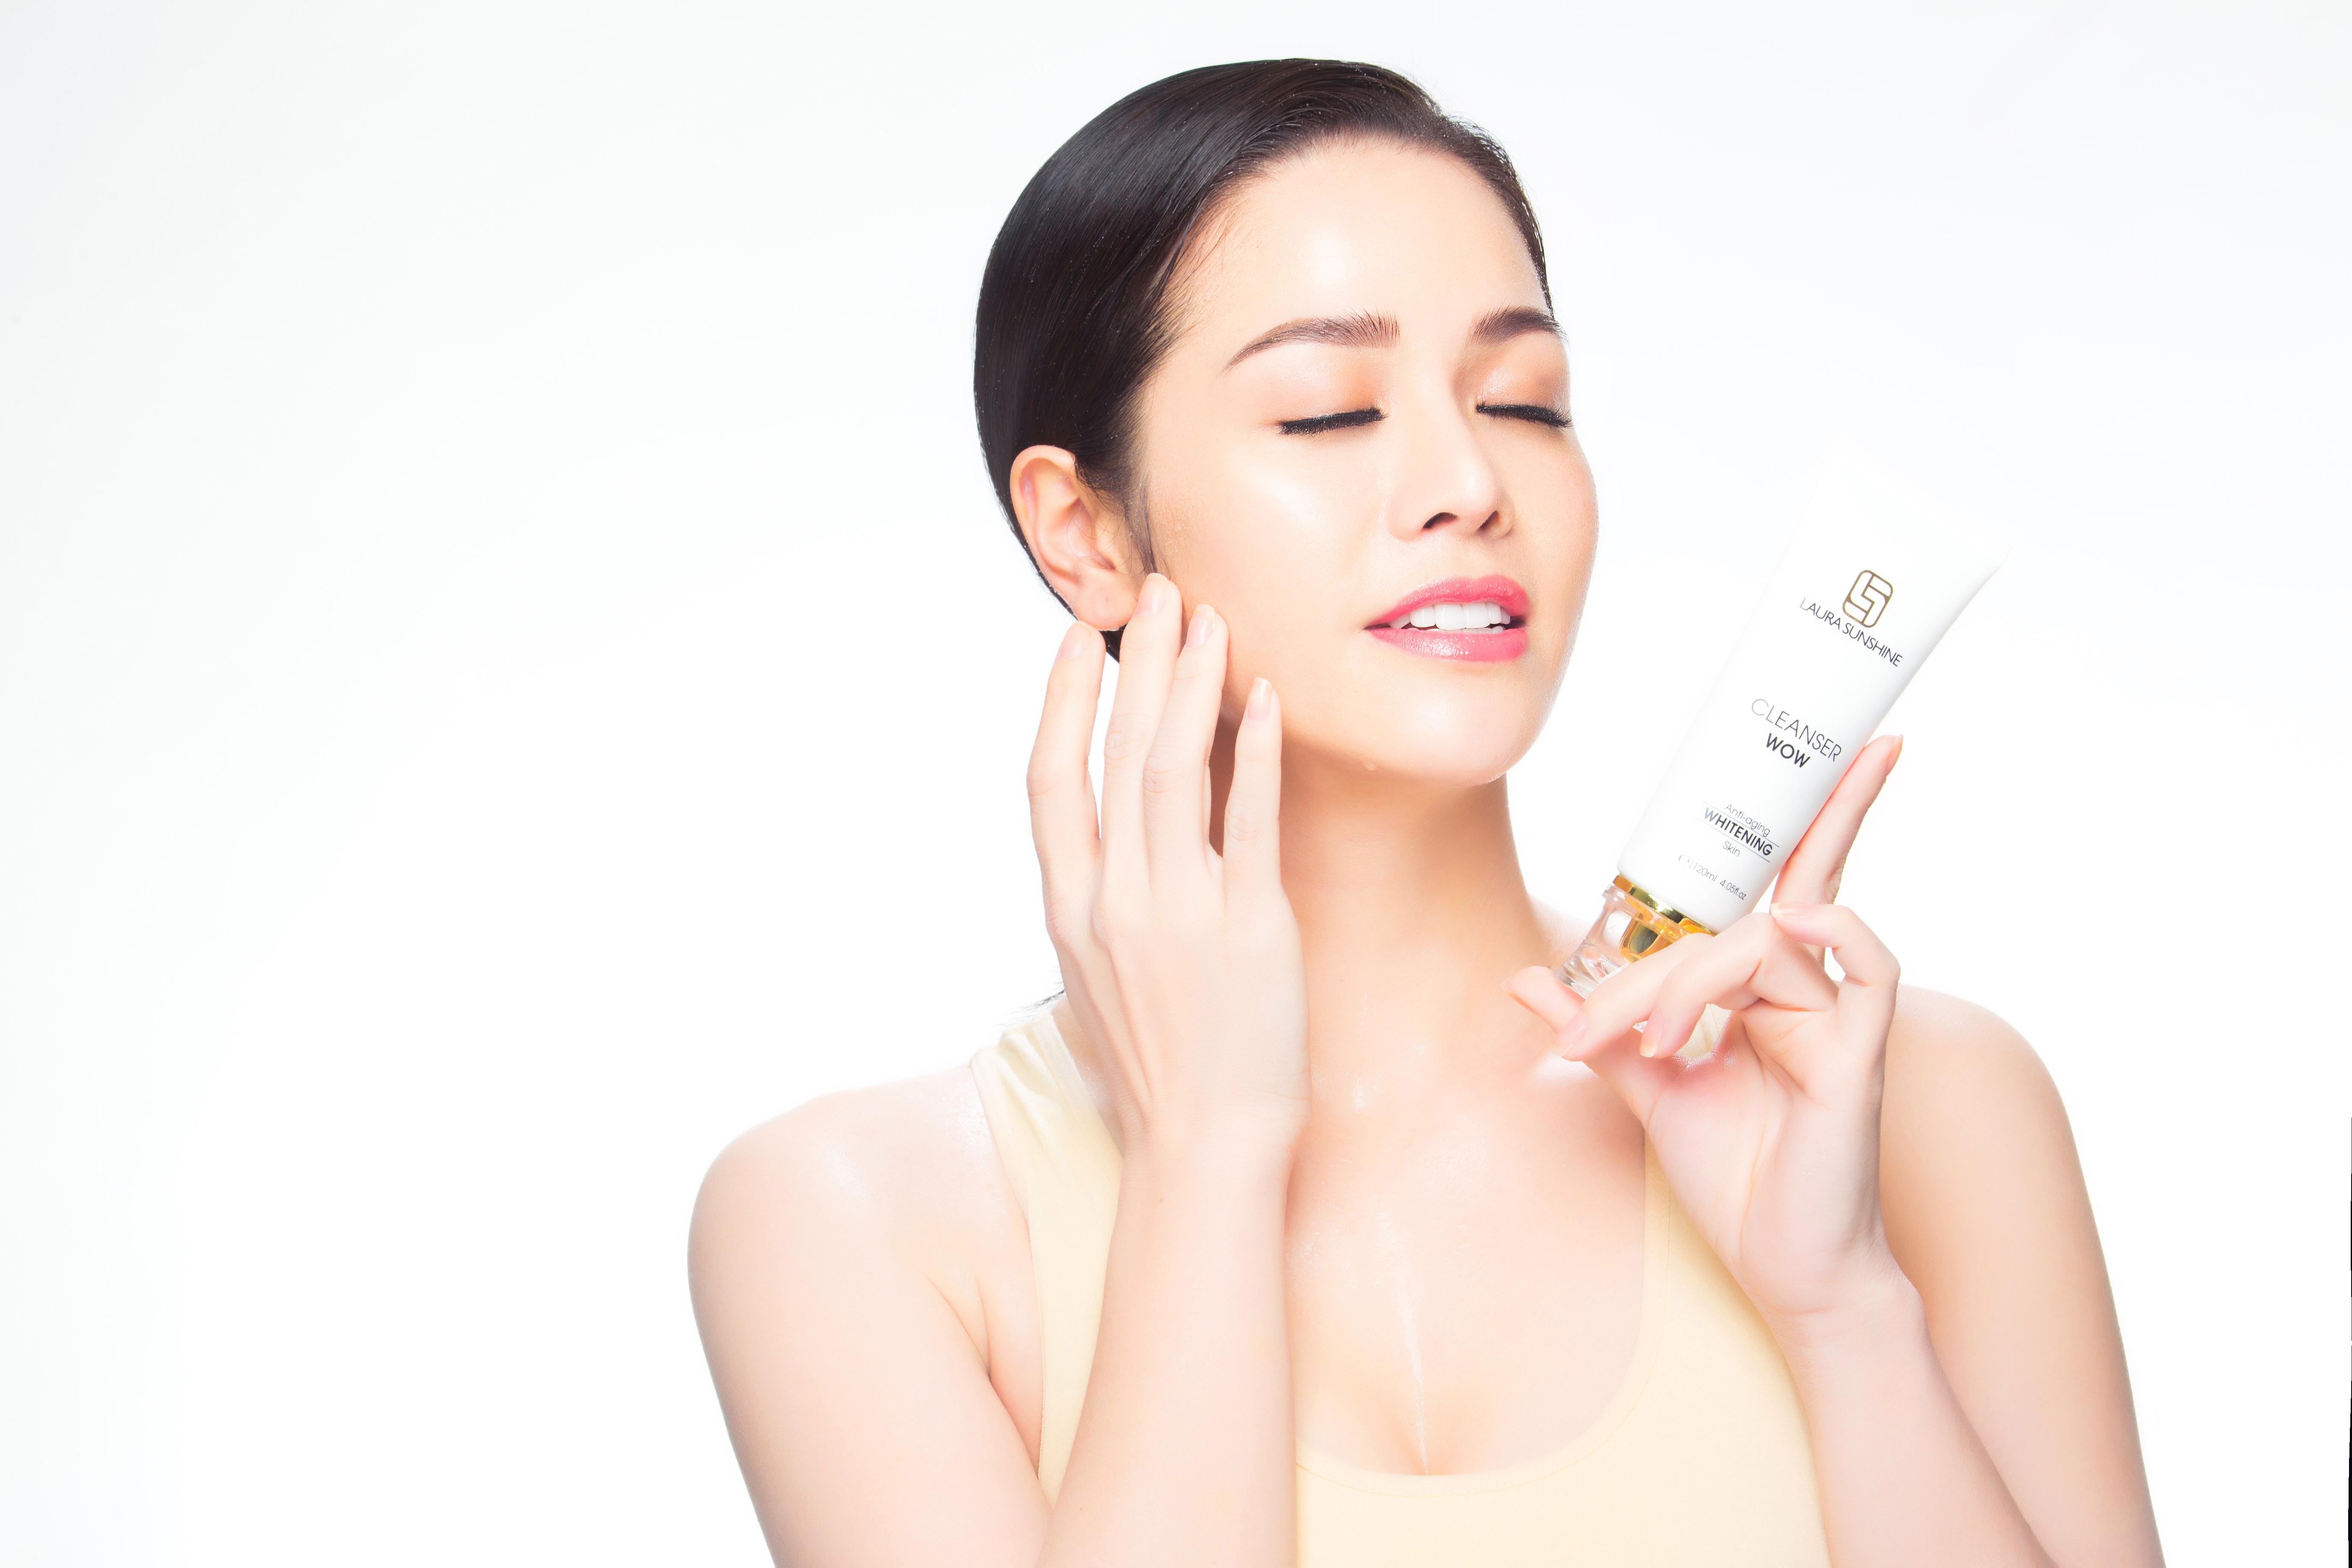 Học hỏi Nhật Kim Anh chăm sóc da với bộ tẩy trang toàn diện và xịt tinh chất hoa hồng - Ảnh 1.